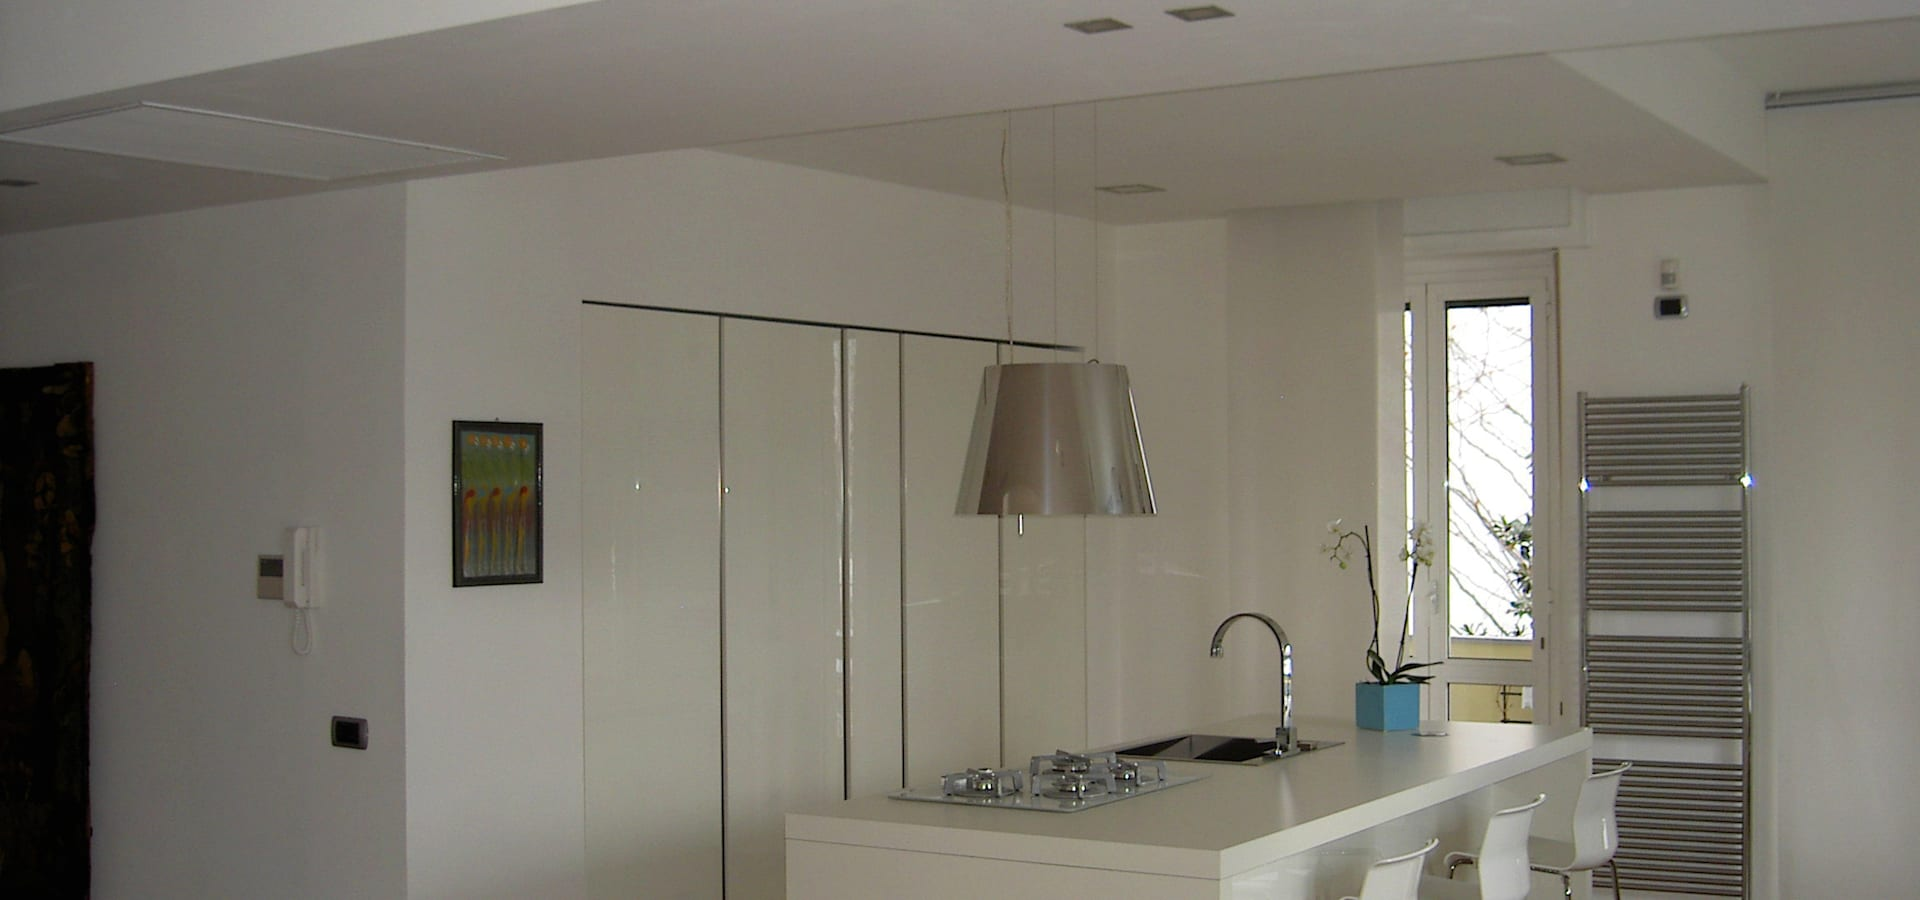 Agostinelli Architetti  – Green Interior Design